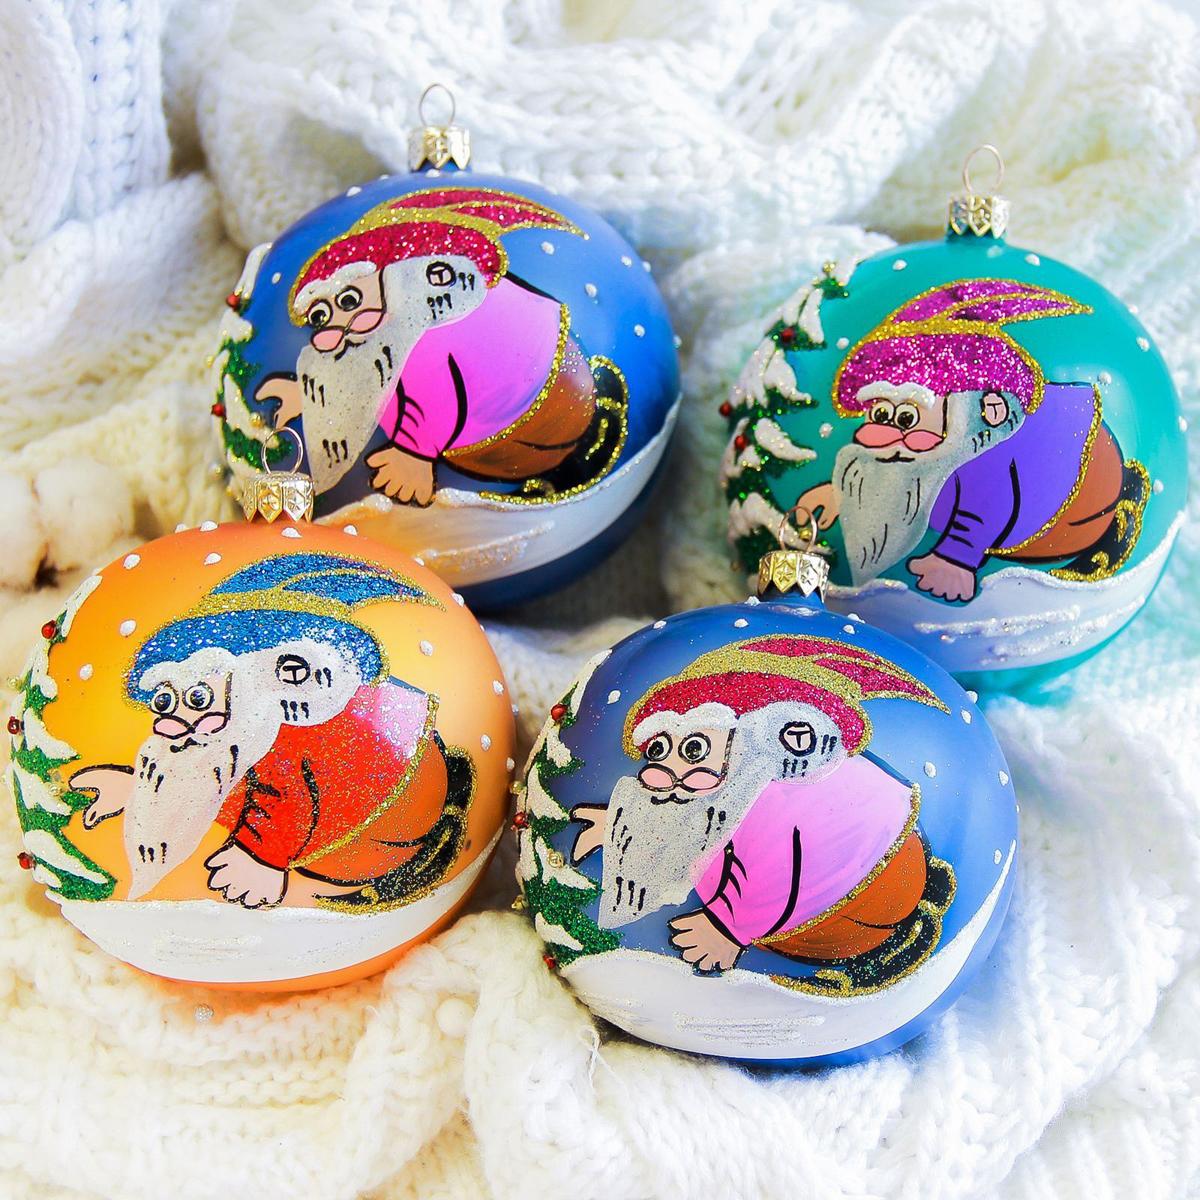 Украшение новогоднее елочное Иней Гном, диаметр 10 см2555472Новогоднее подвесное украшение Иней отлично подойдет для декорации вашего дома и новогодней ели. Новогоднее украшение можно повесить в любом понравившемся вам месте. Но, конечно, удачнее всего оно будет смотреться на праздничной елке.Елочная игрушка - символ Нового года. Она несет в себе волшебство и красоту праздника. Такое украшение создаст в вашем доме атмосферу праздника, веселья и радости.